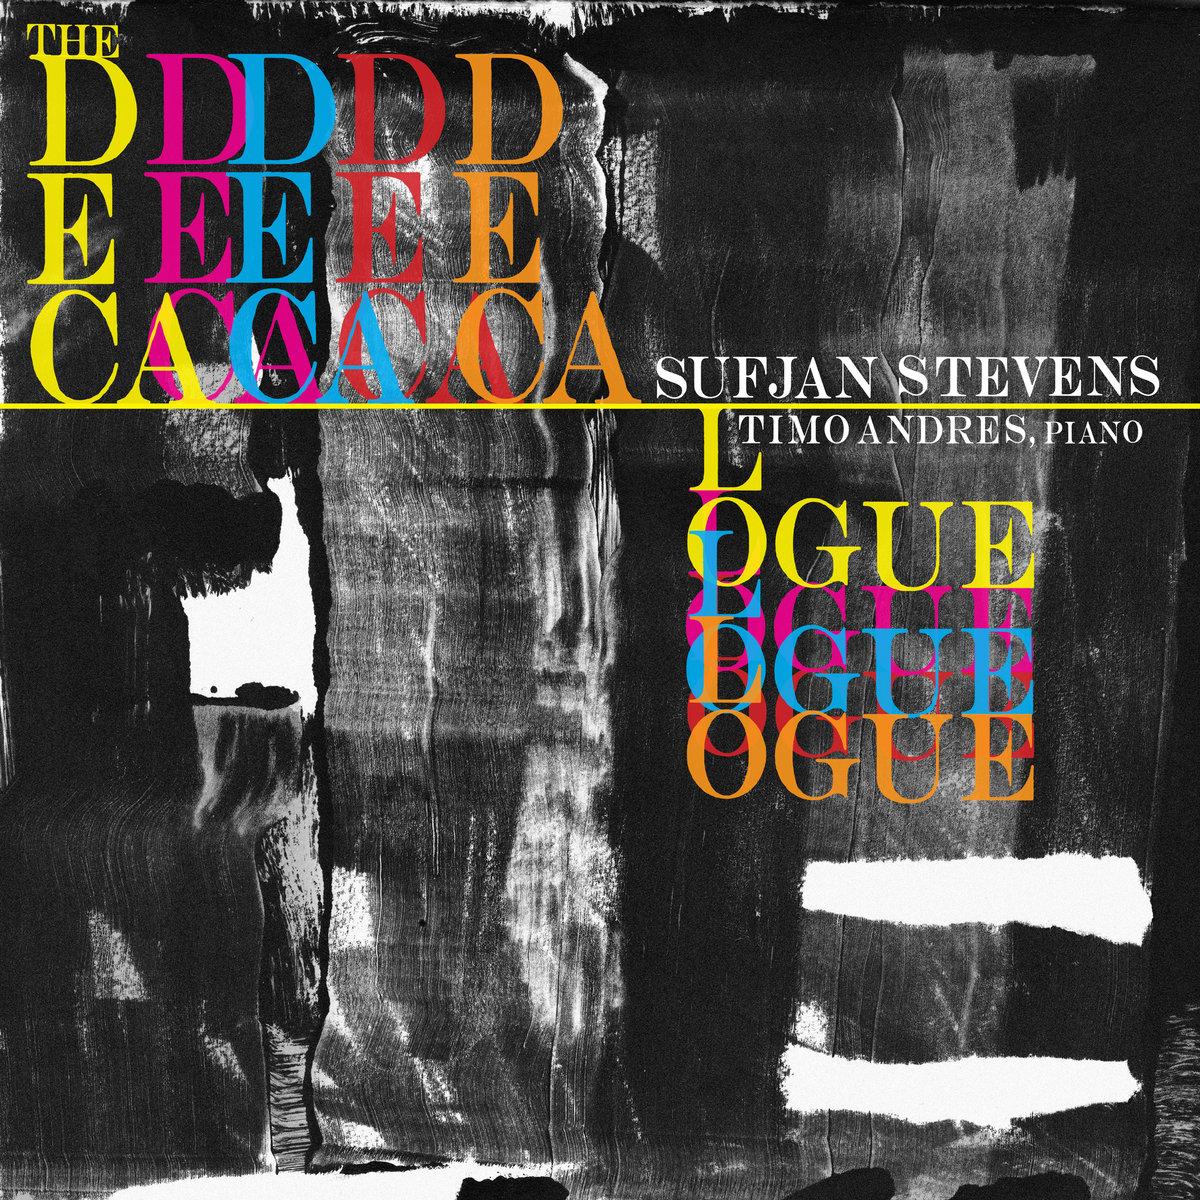 The Decalogue Sufjan Stevens